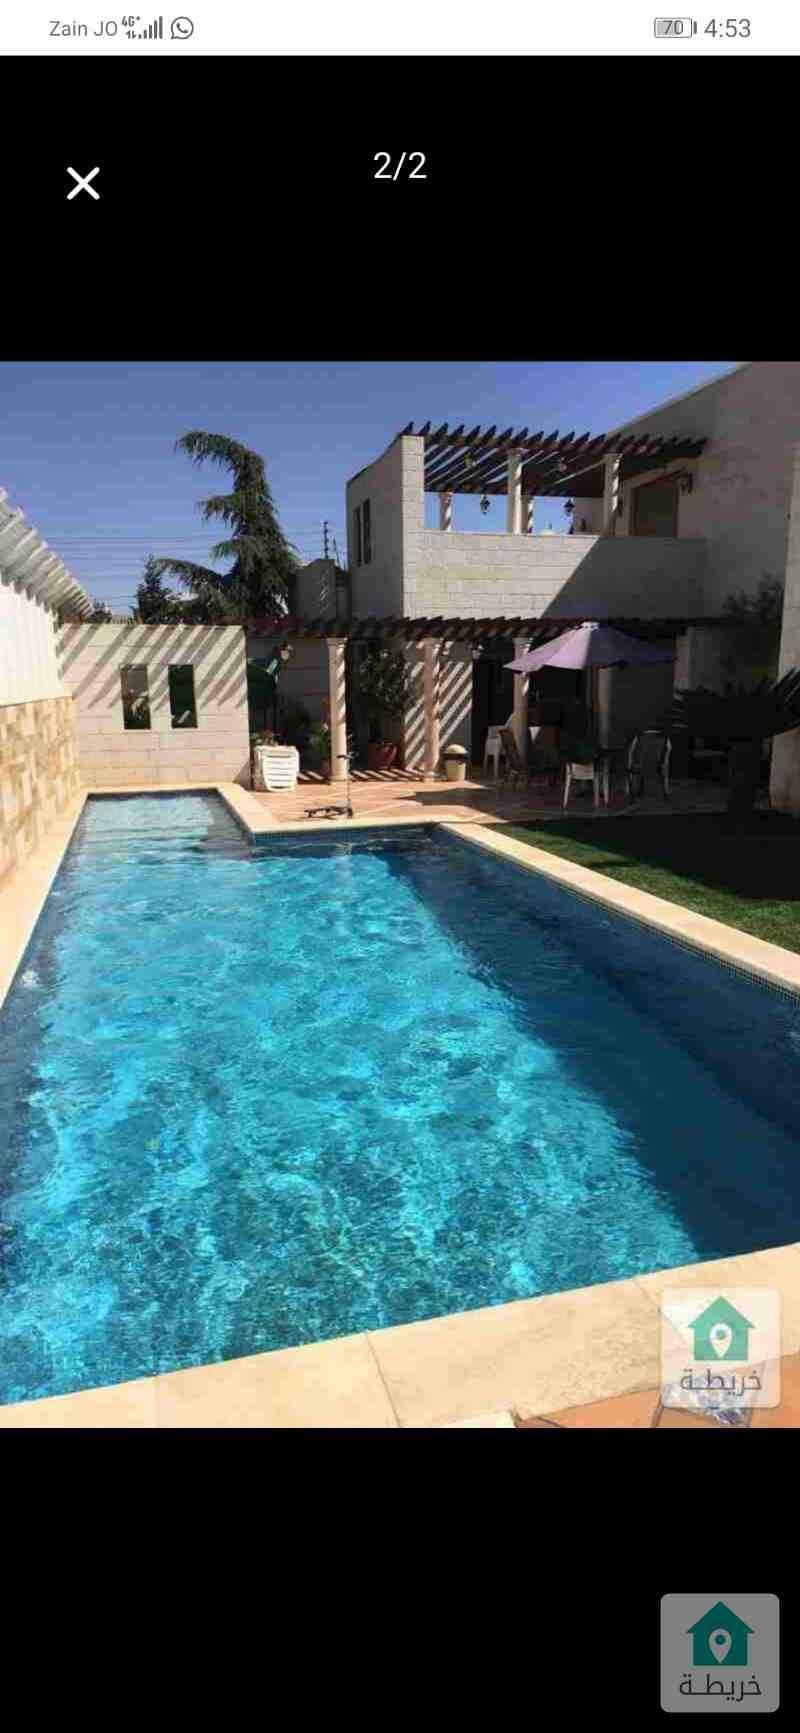 فيلا مستقل للبيع في دابوق بلقرب من قصر زياد المناصير